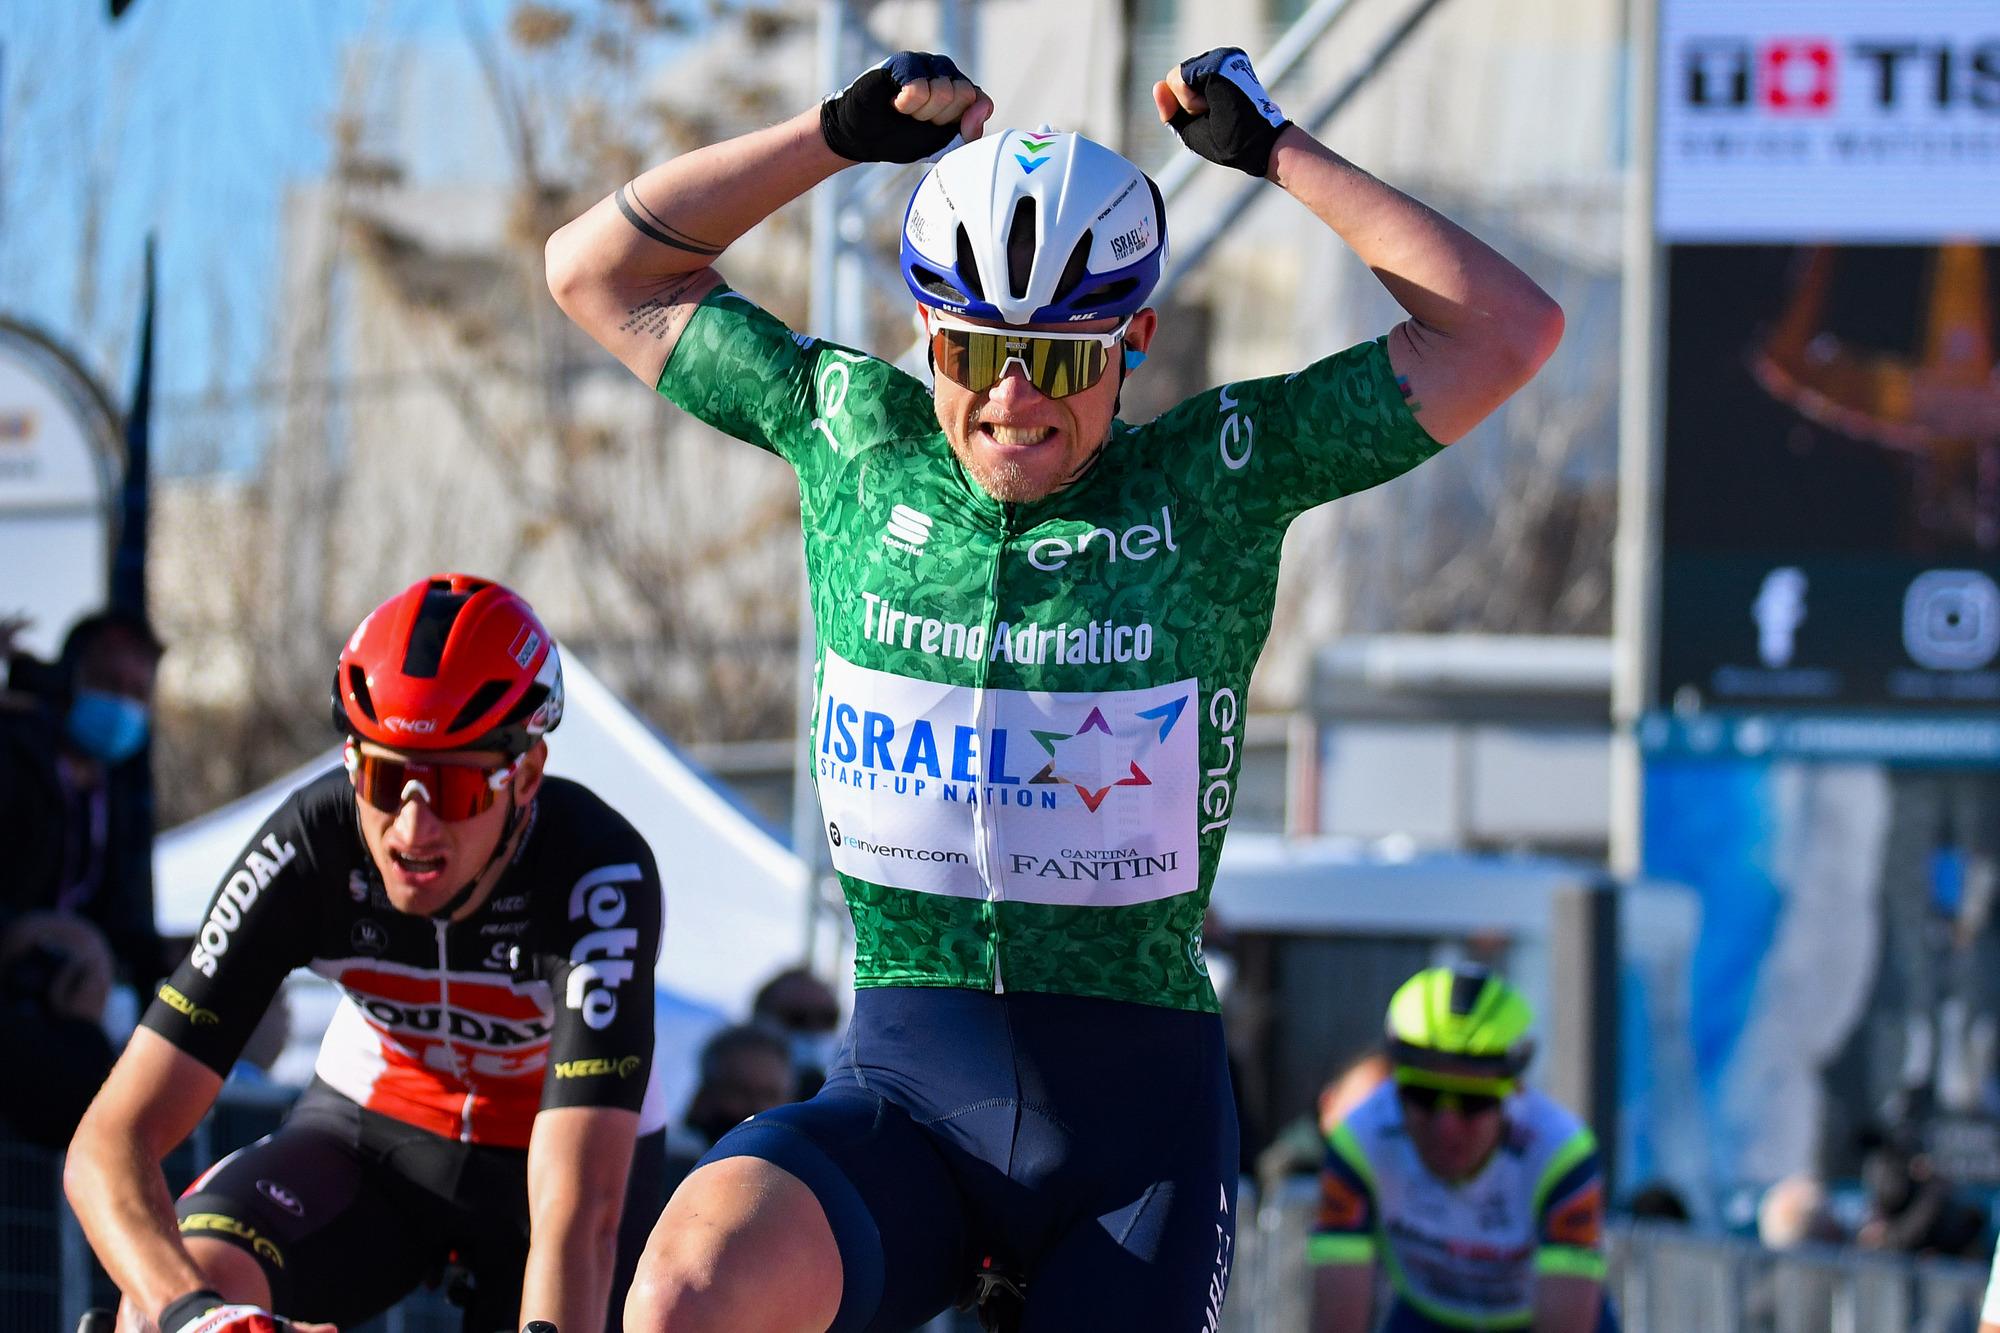 Tirreno Adriatico 2021 56th Edition 6th stage Castelraimondo Lido di Fermo 169 km 15032021 Mads Wurtz Schmidt DEN Israel StartUp Nation photo Tommaso PelagalliBettiniPhoto2021